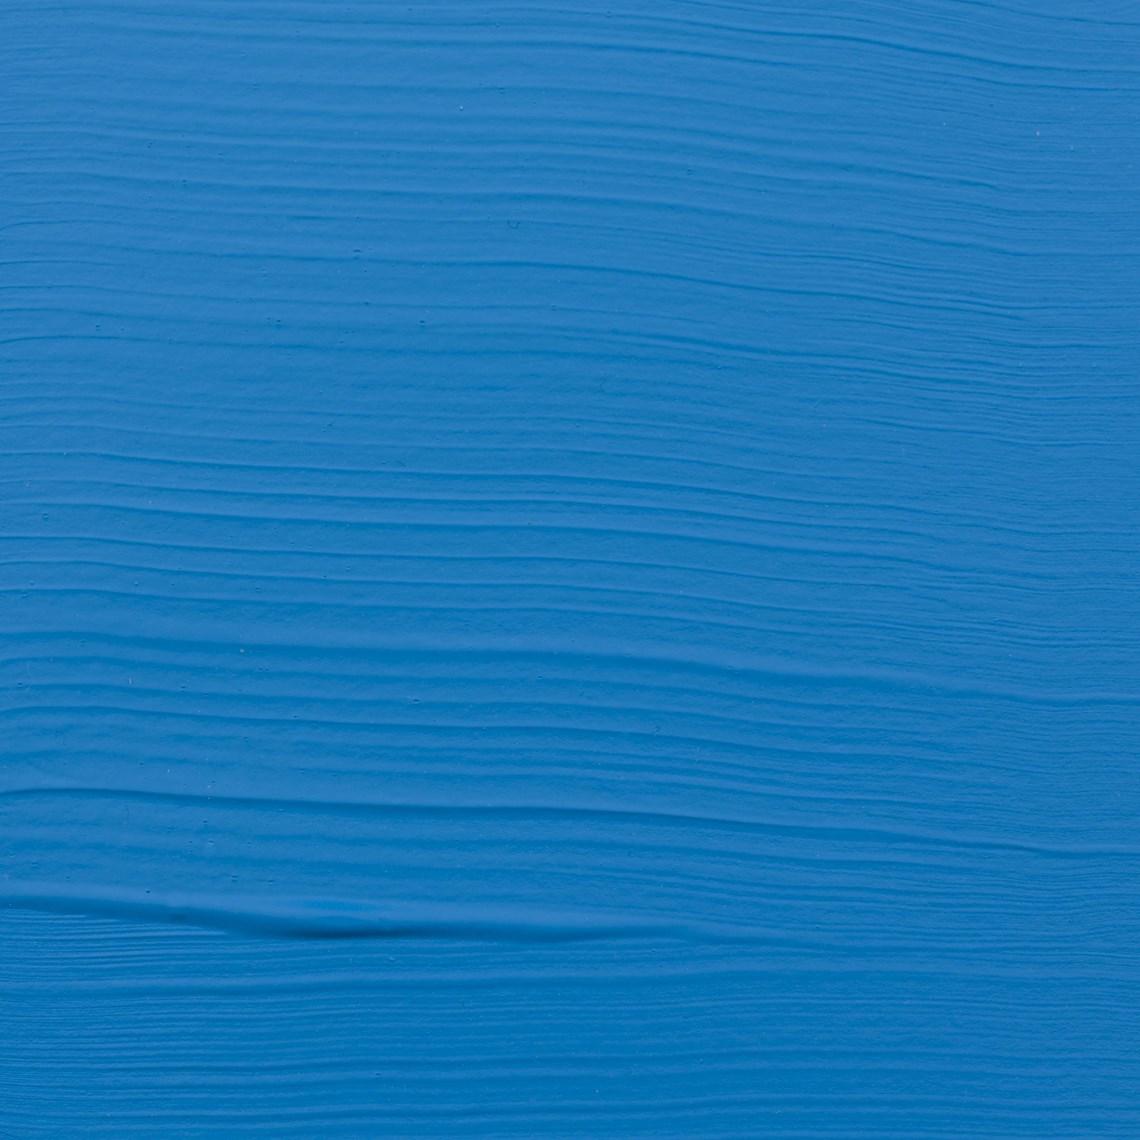 Amsterdam acrylverf Koningsblauw 517 Angelart kunst en zo